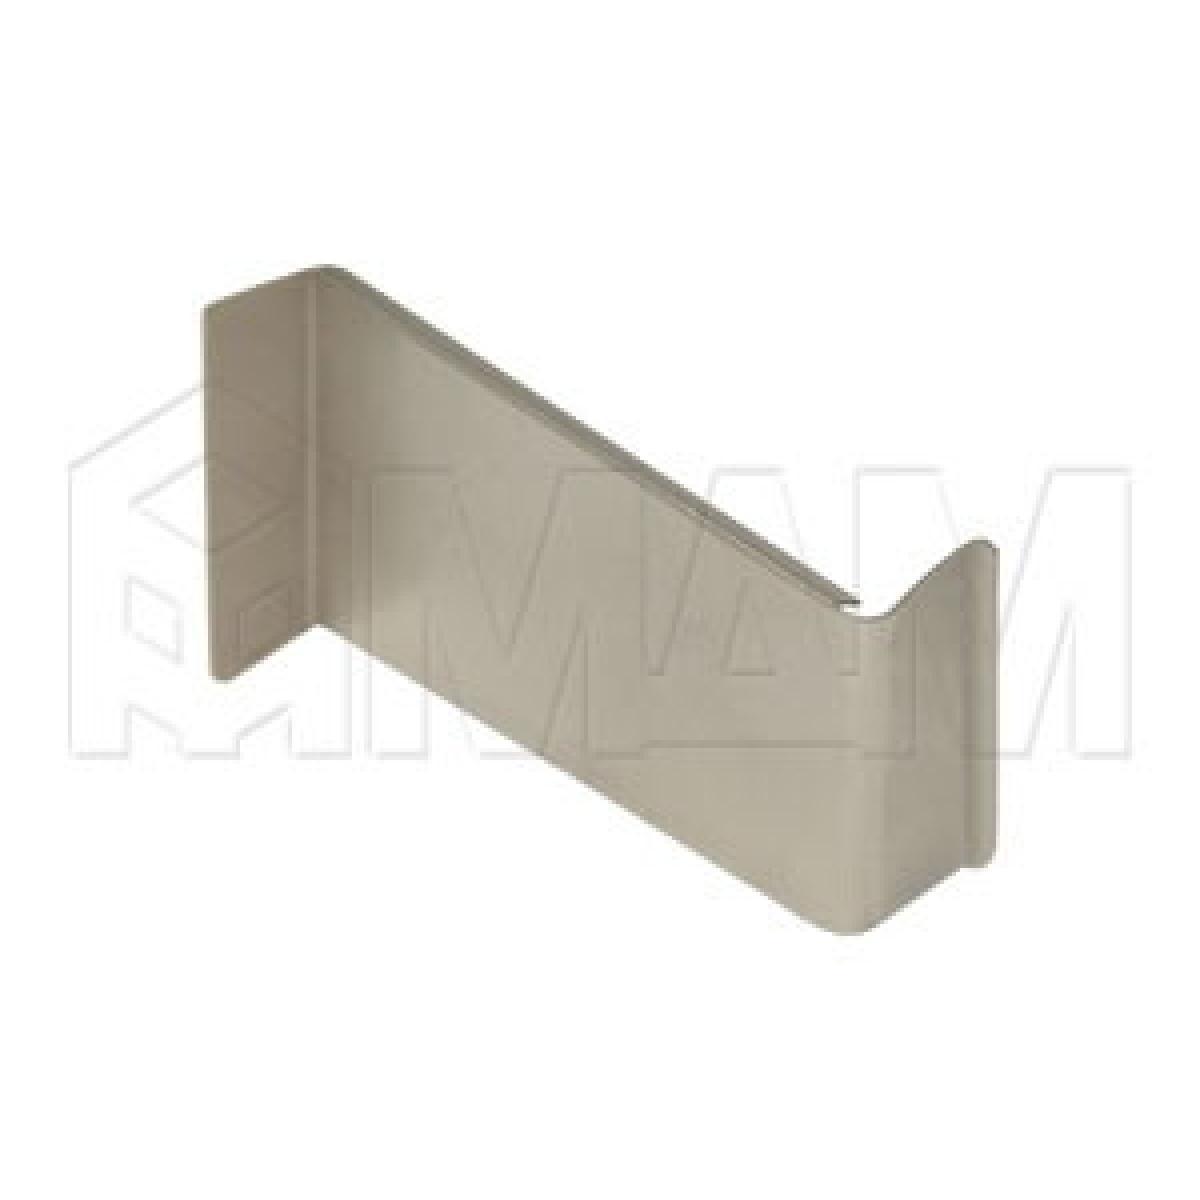 806 Заглушка для мебельного навеса, металл, никель, правая